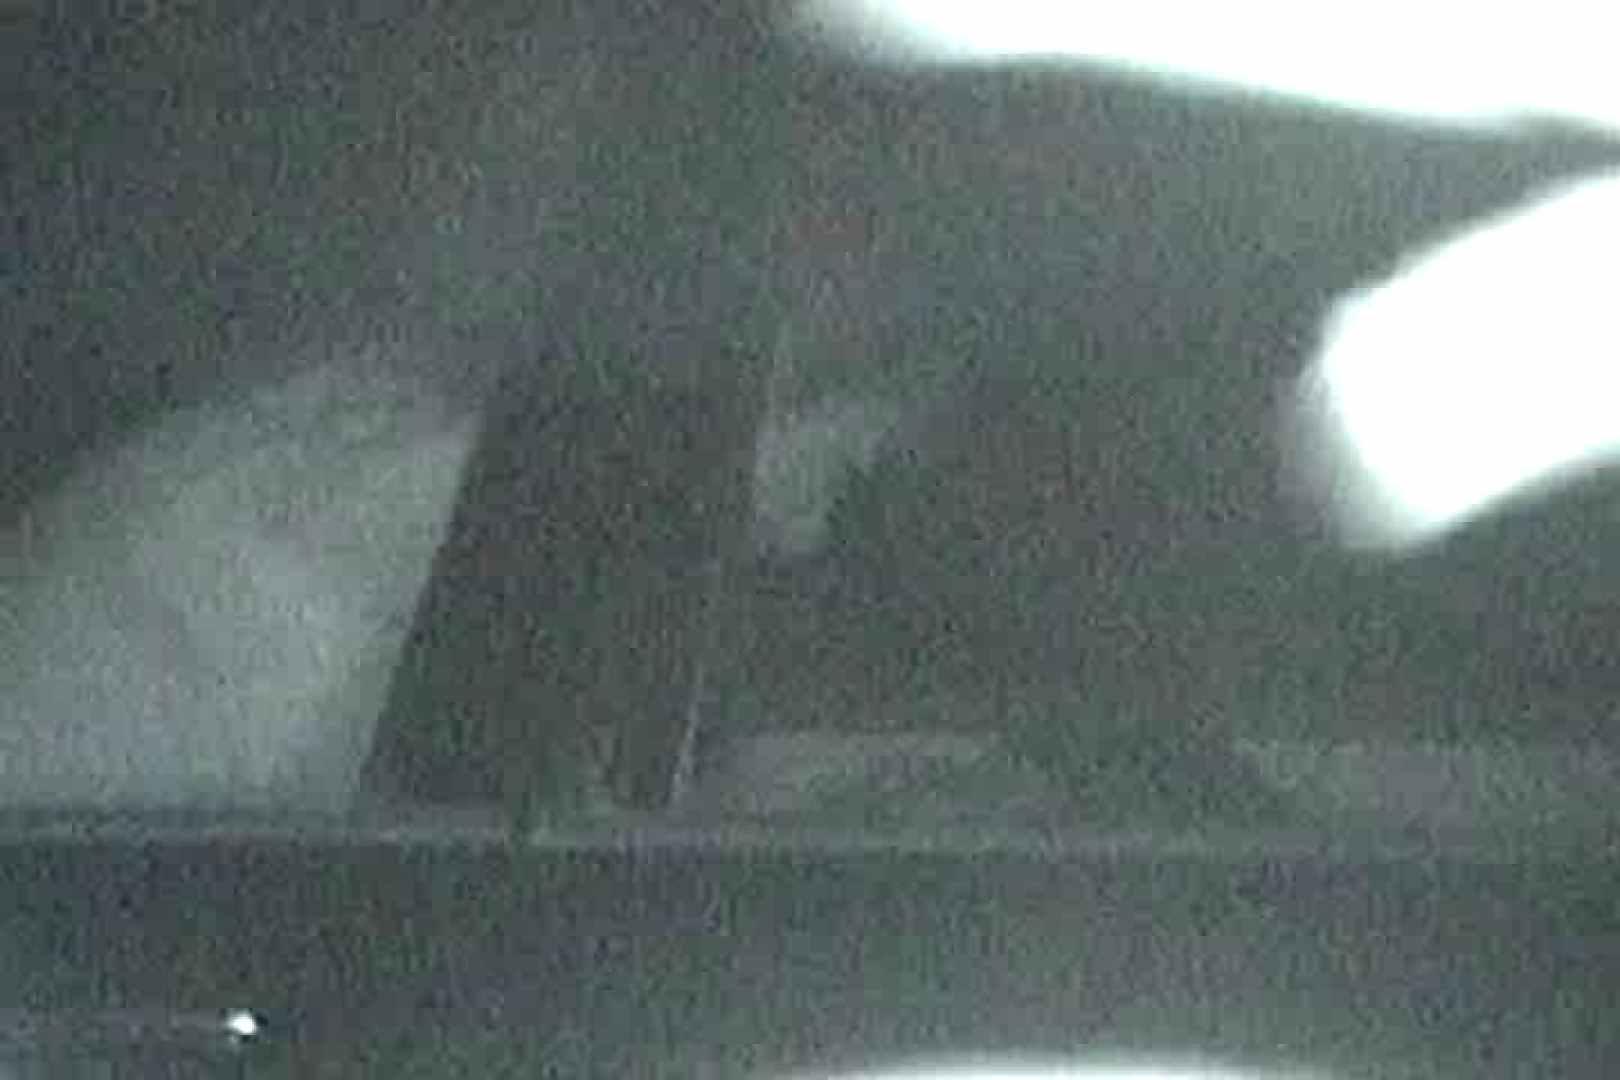 充血監督の深夜の運動会Vol.21 カップル オメコ無修正動画無料 95pic 28